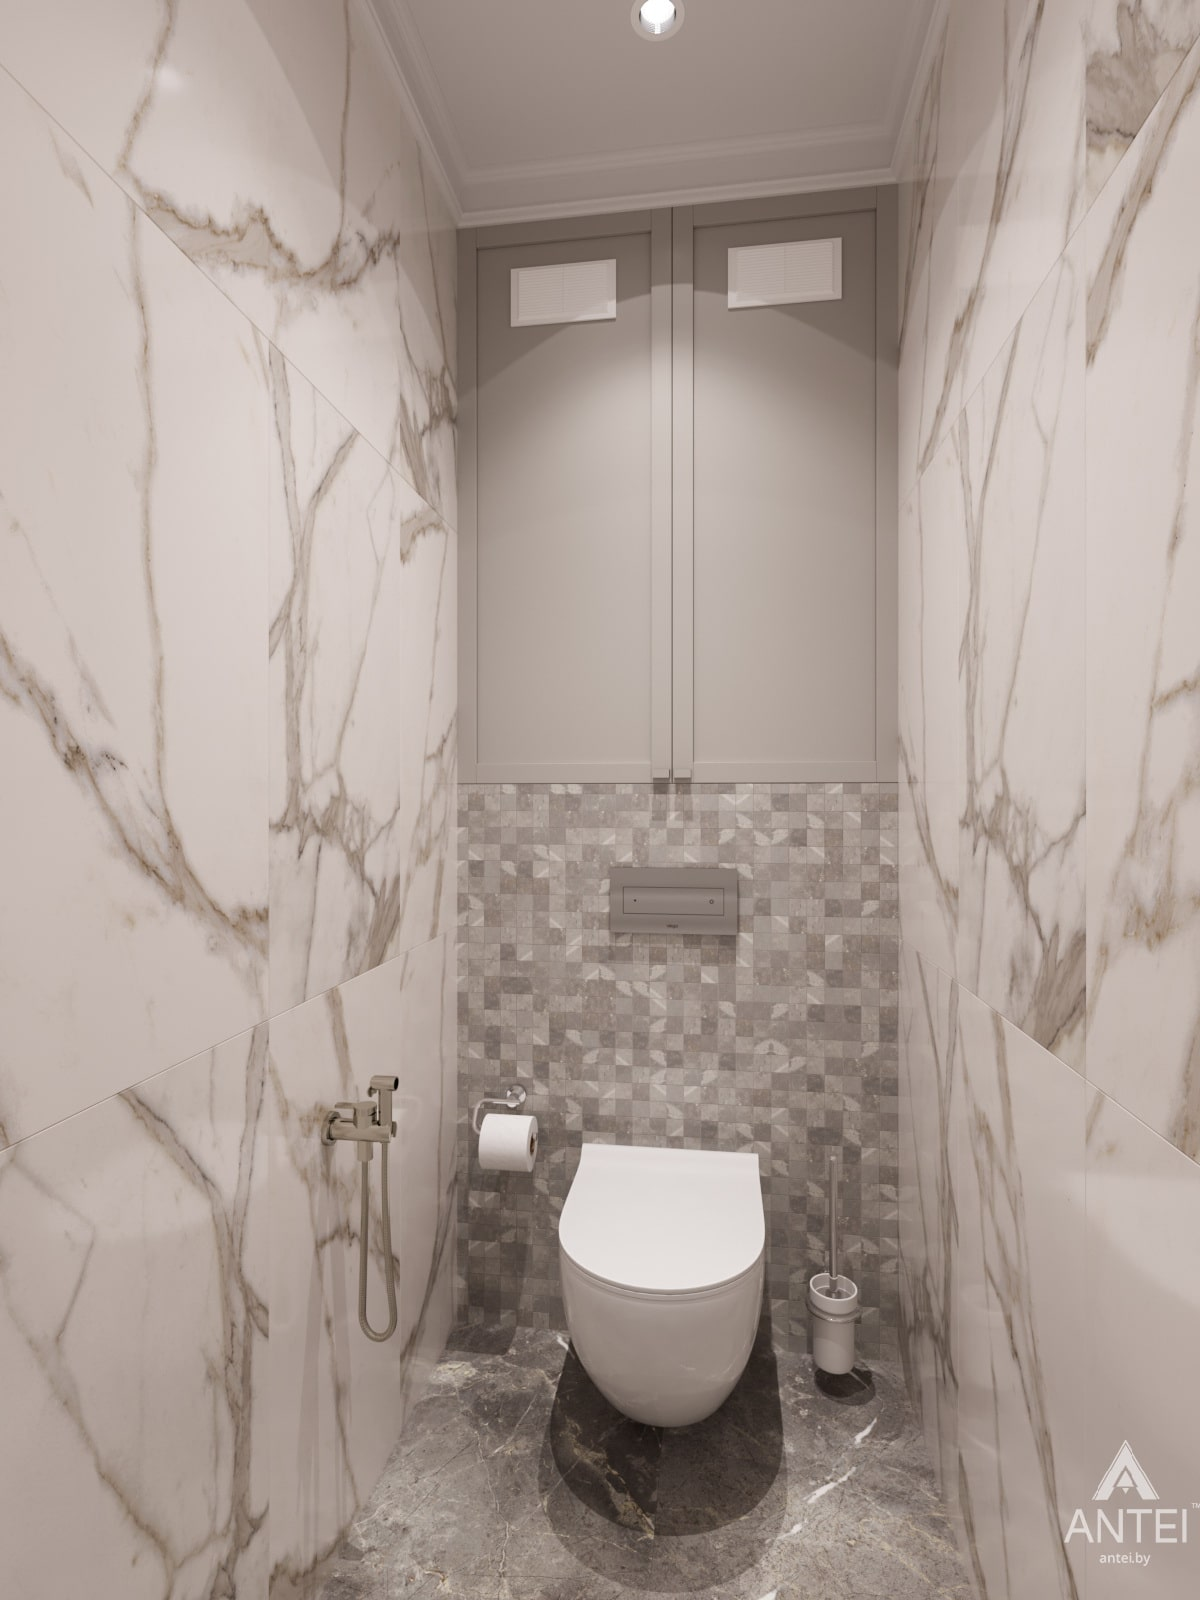 Дизайн интерьера трехкомнатной квартиры в Гомеле, ул. Бородина Т.С. - туалет фото №2